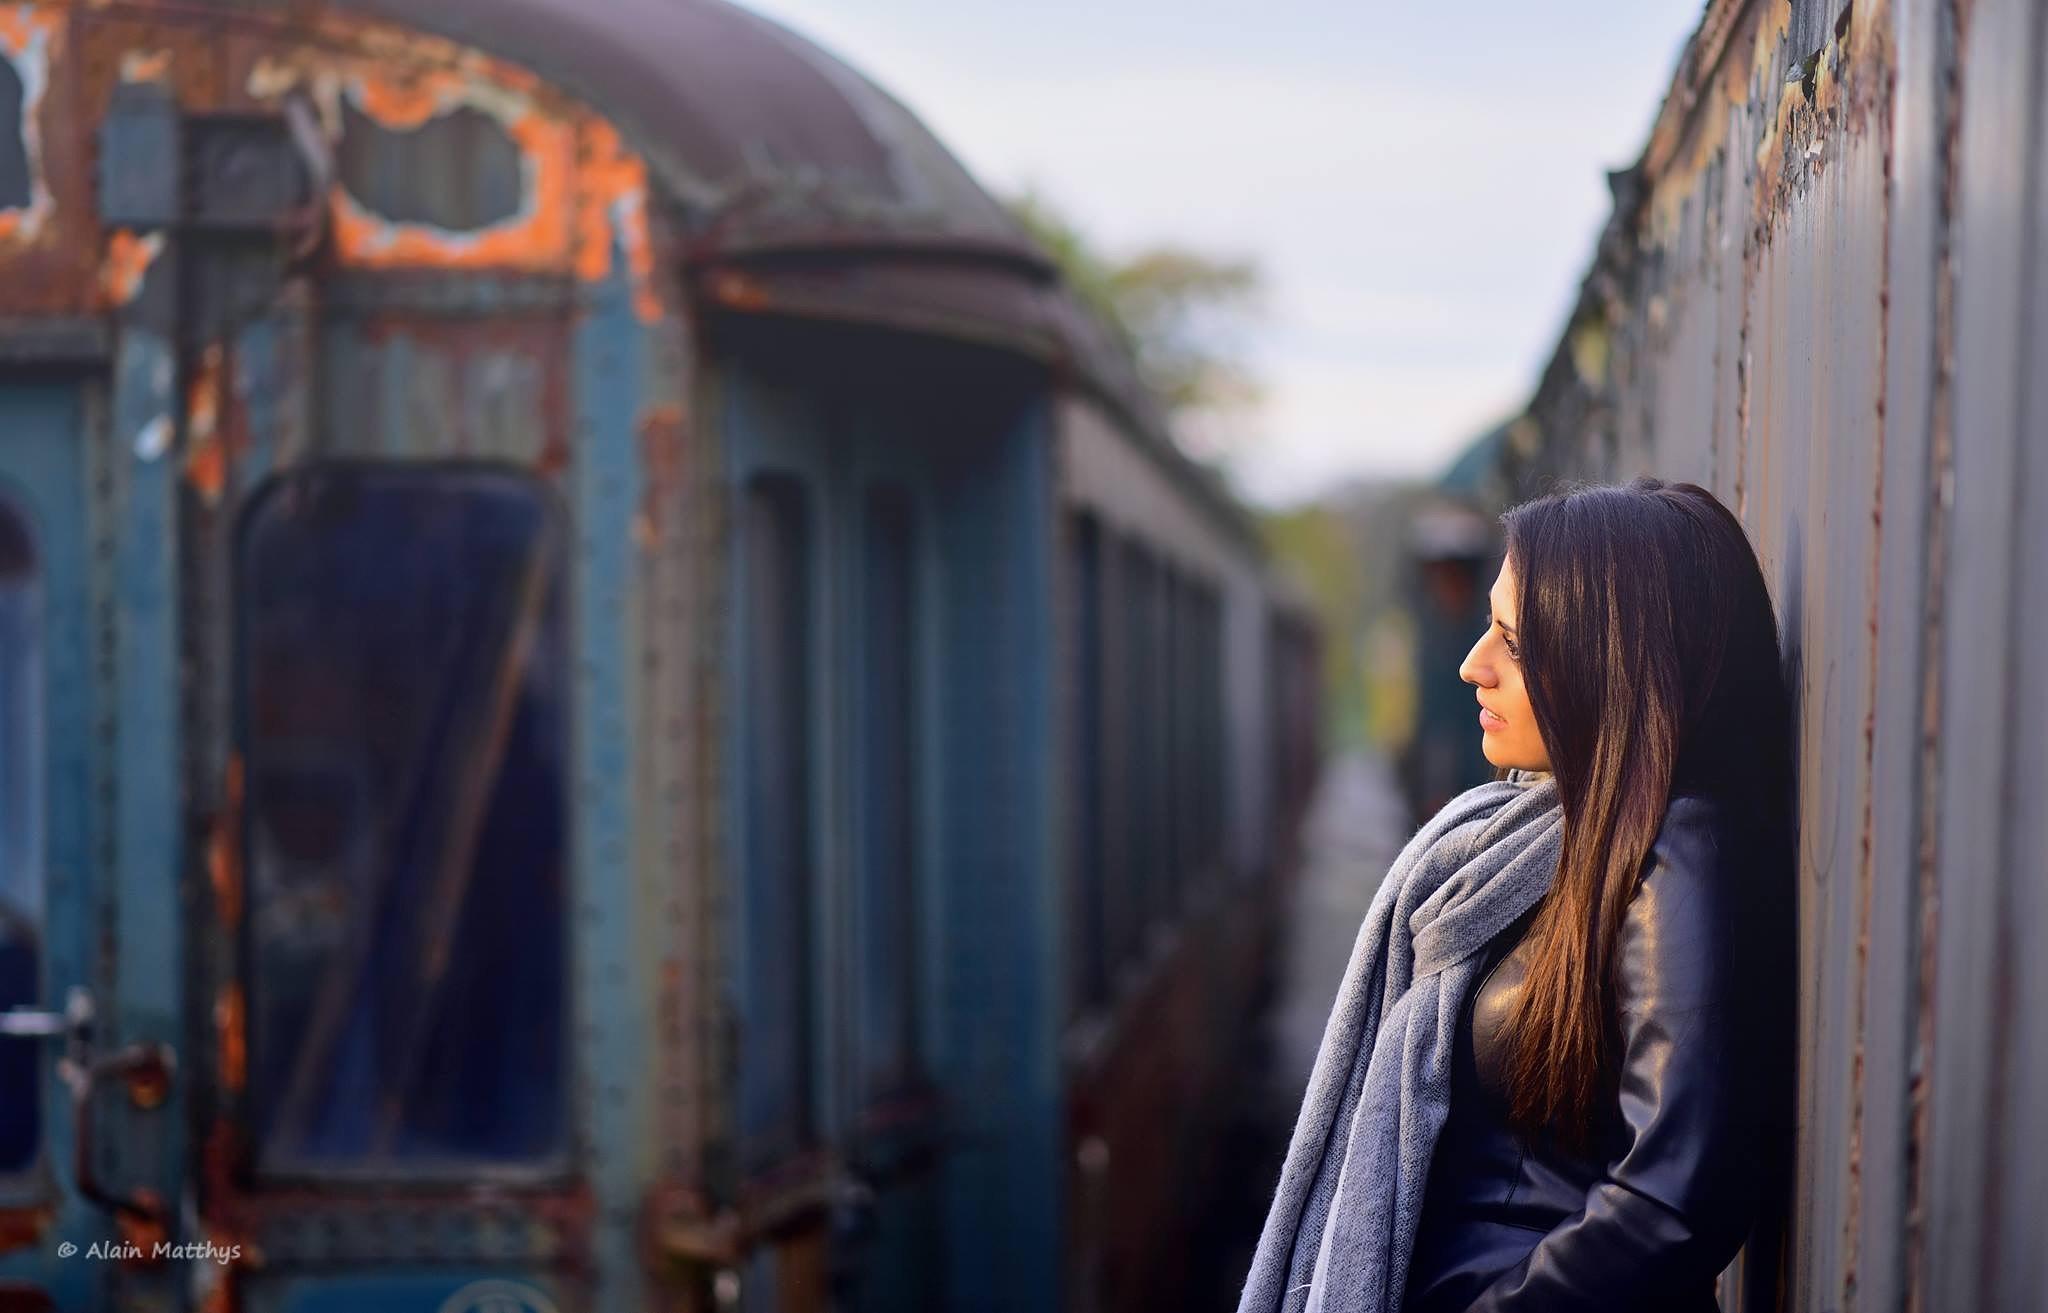 La dame et le vieux train  by AlainMatthysPhotographies